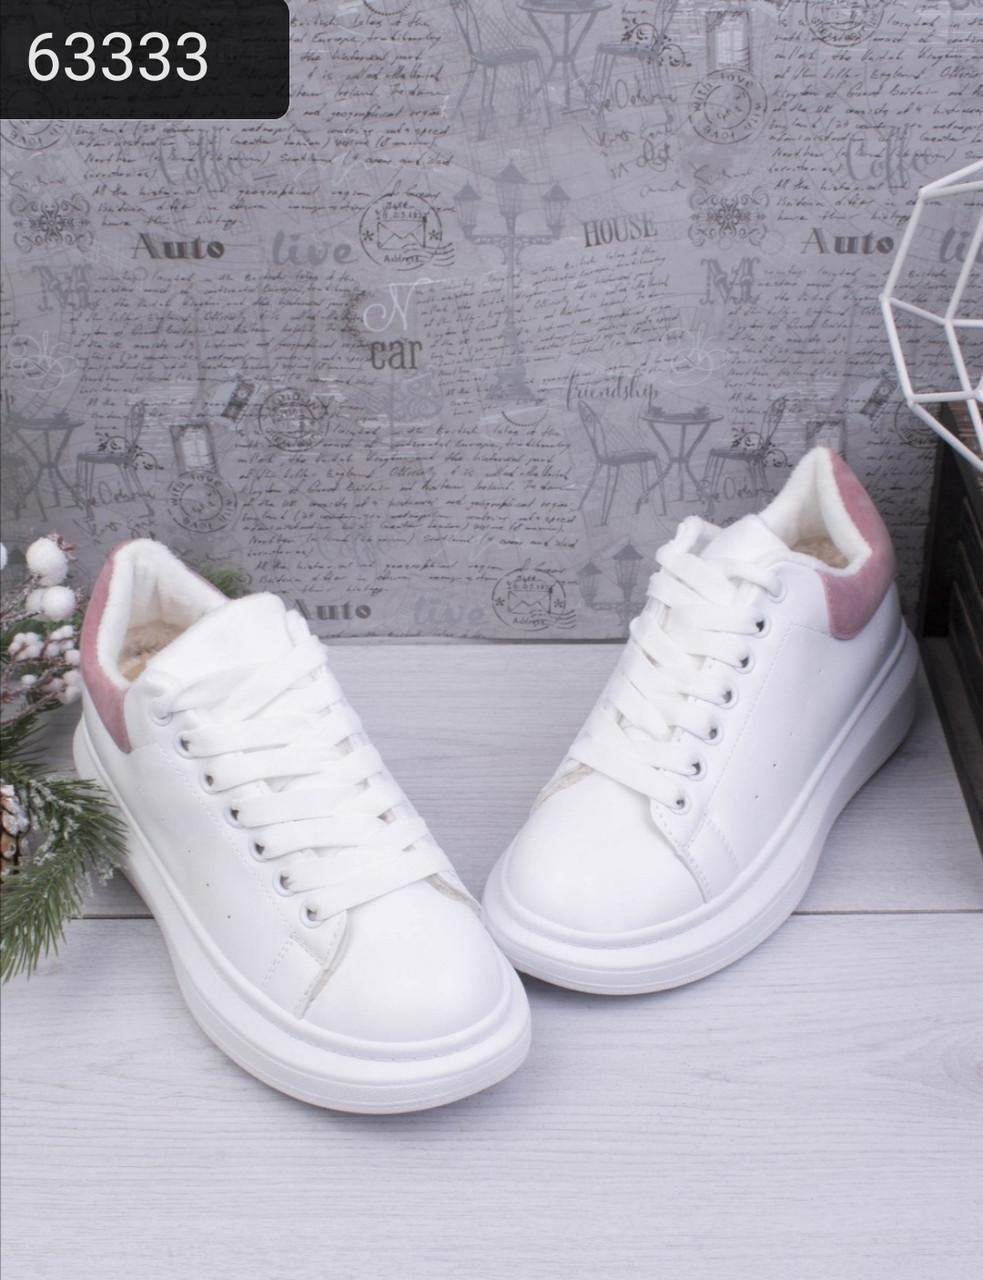 Женские кроссовки ЗИМА / зимние белые с розовой пяткой эко кожа